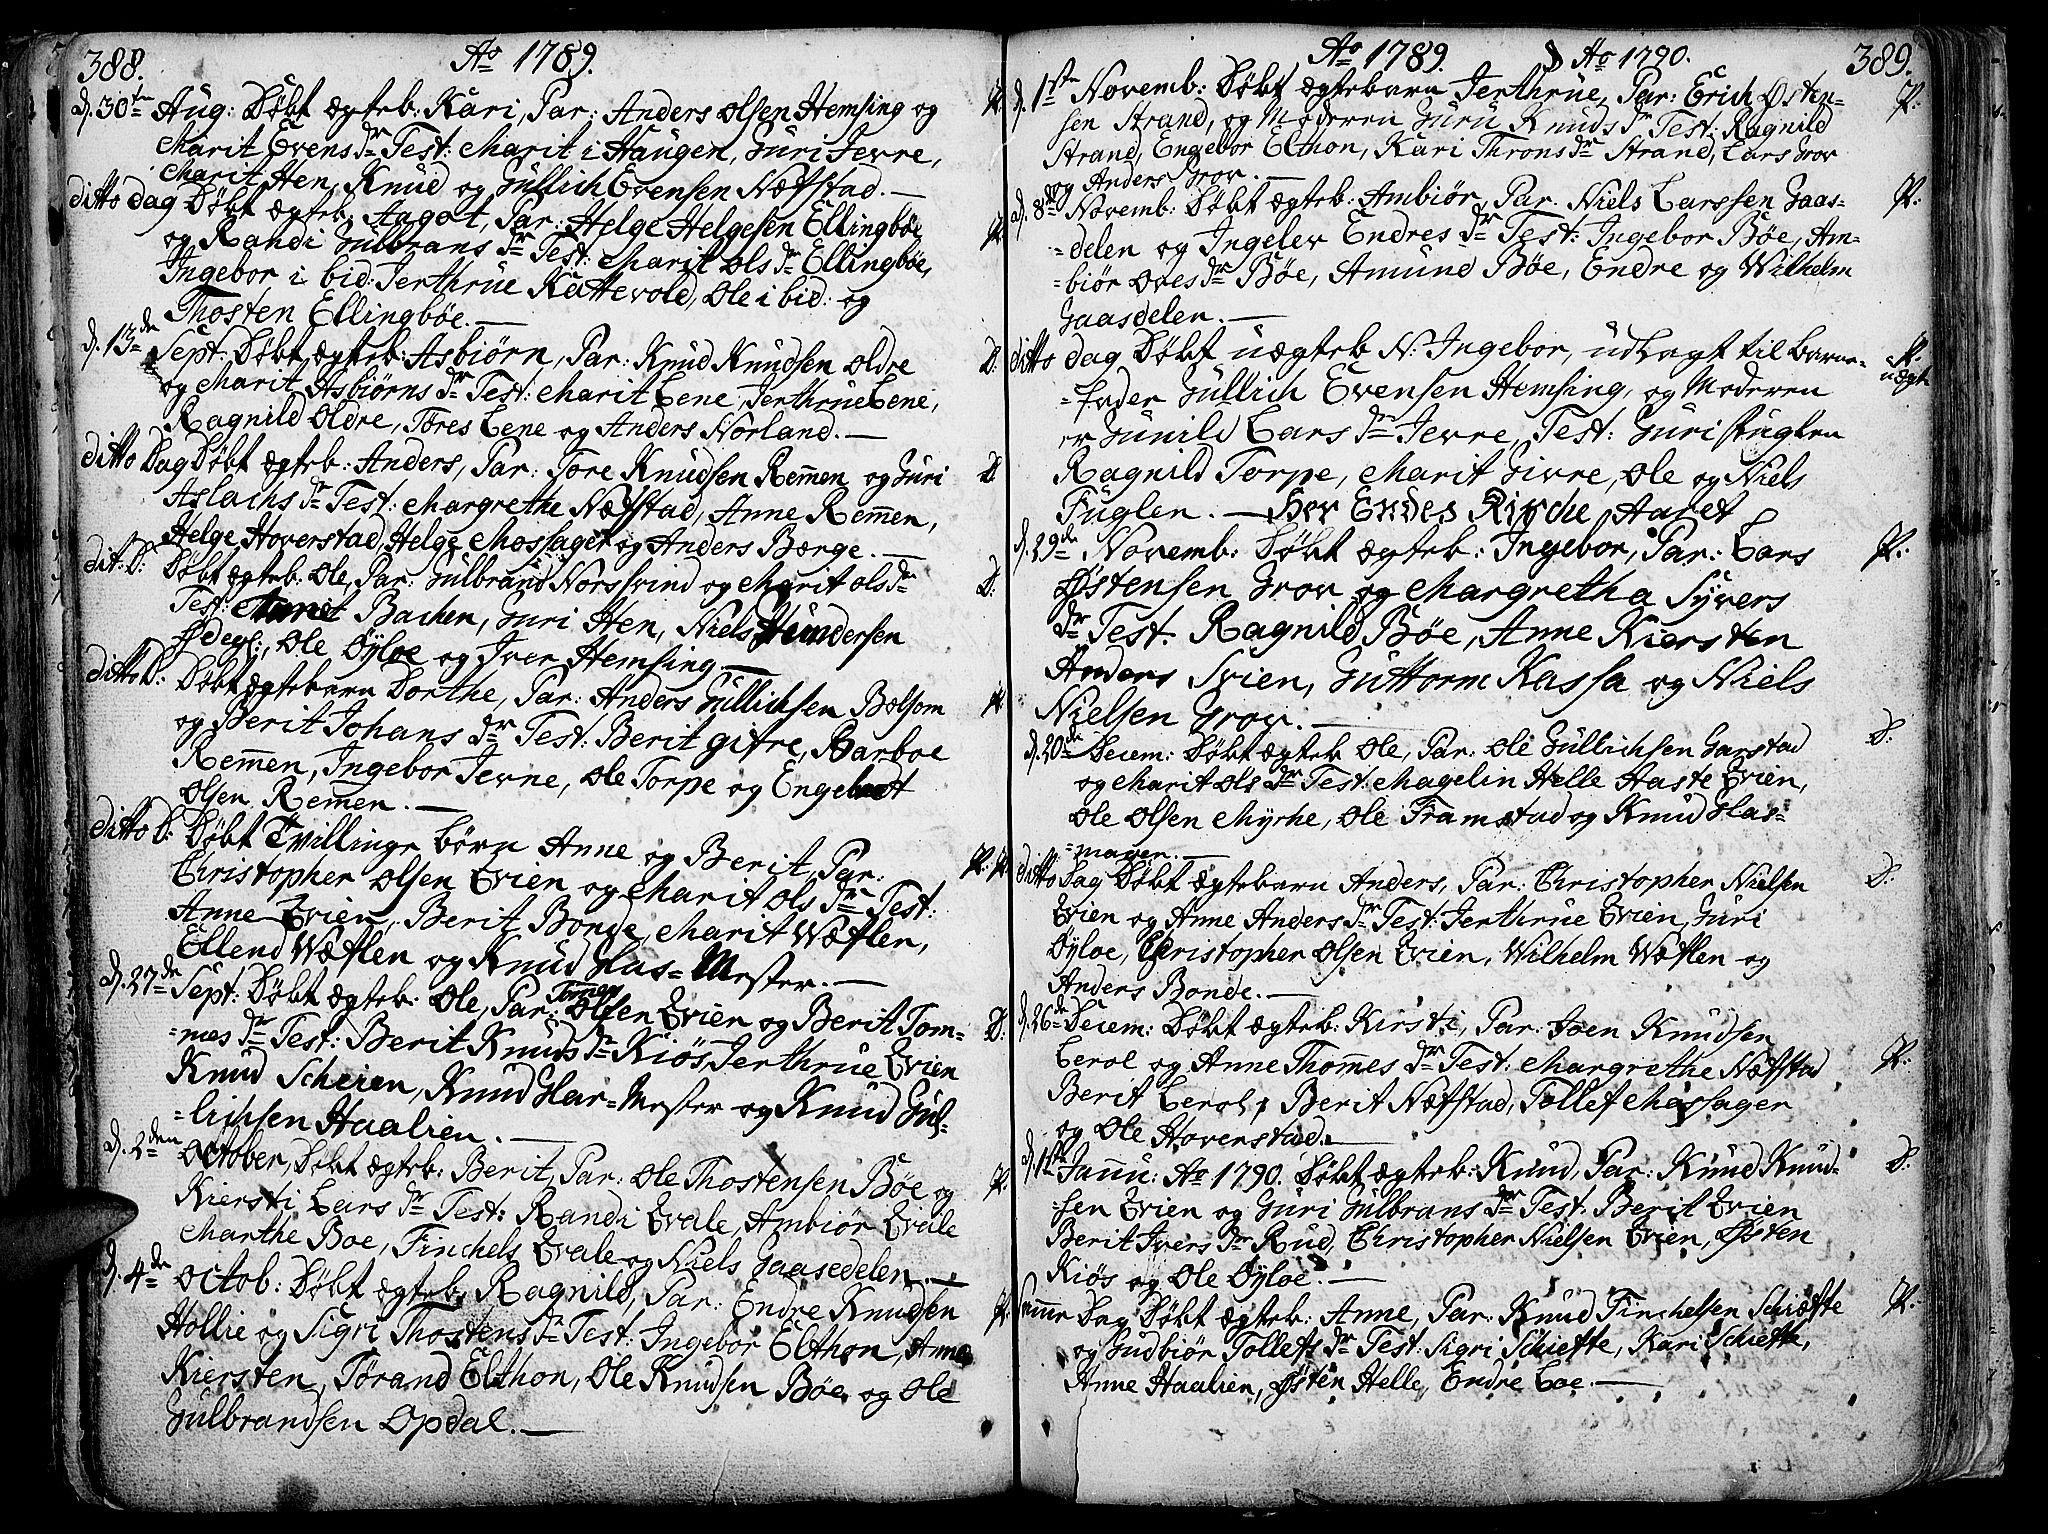 SAH, Vang prestekontor, Valdres, Ministerialbok nr. 1, 1730-1796, s. 388-389